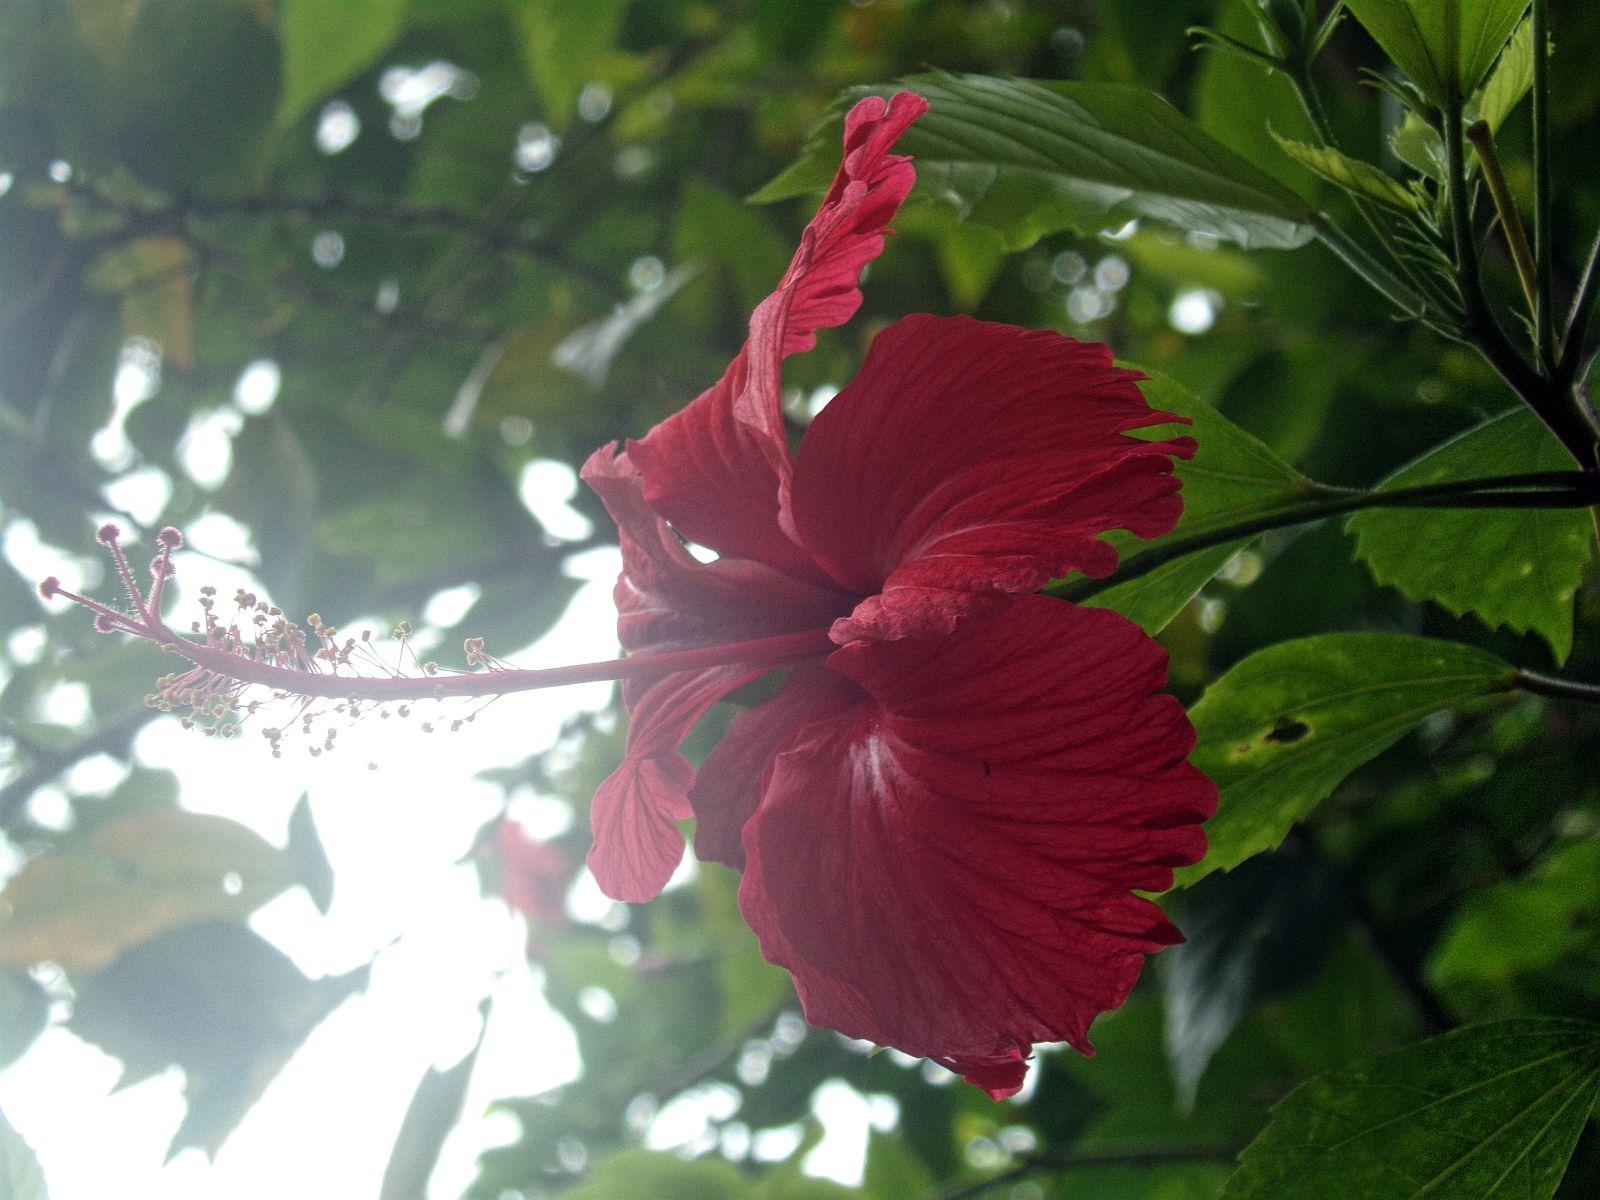 varkala hibiscus plante fleur inde du sud